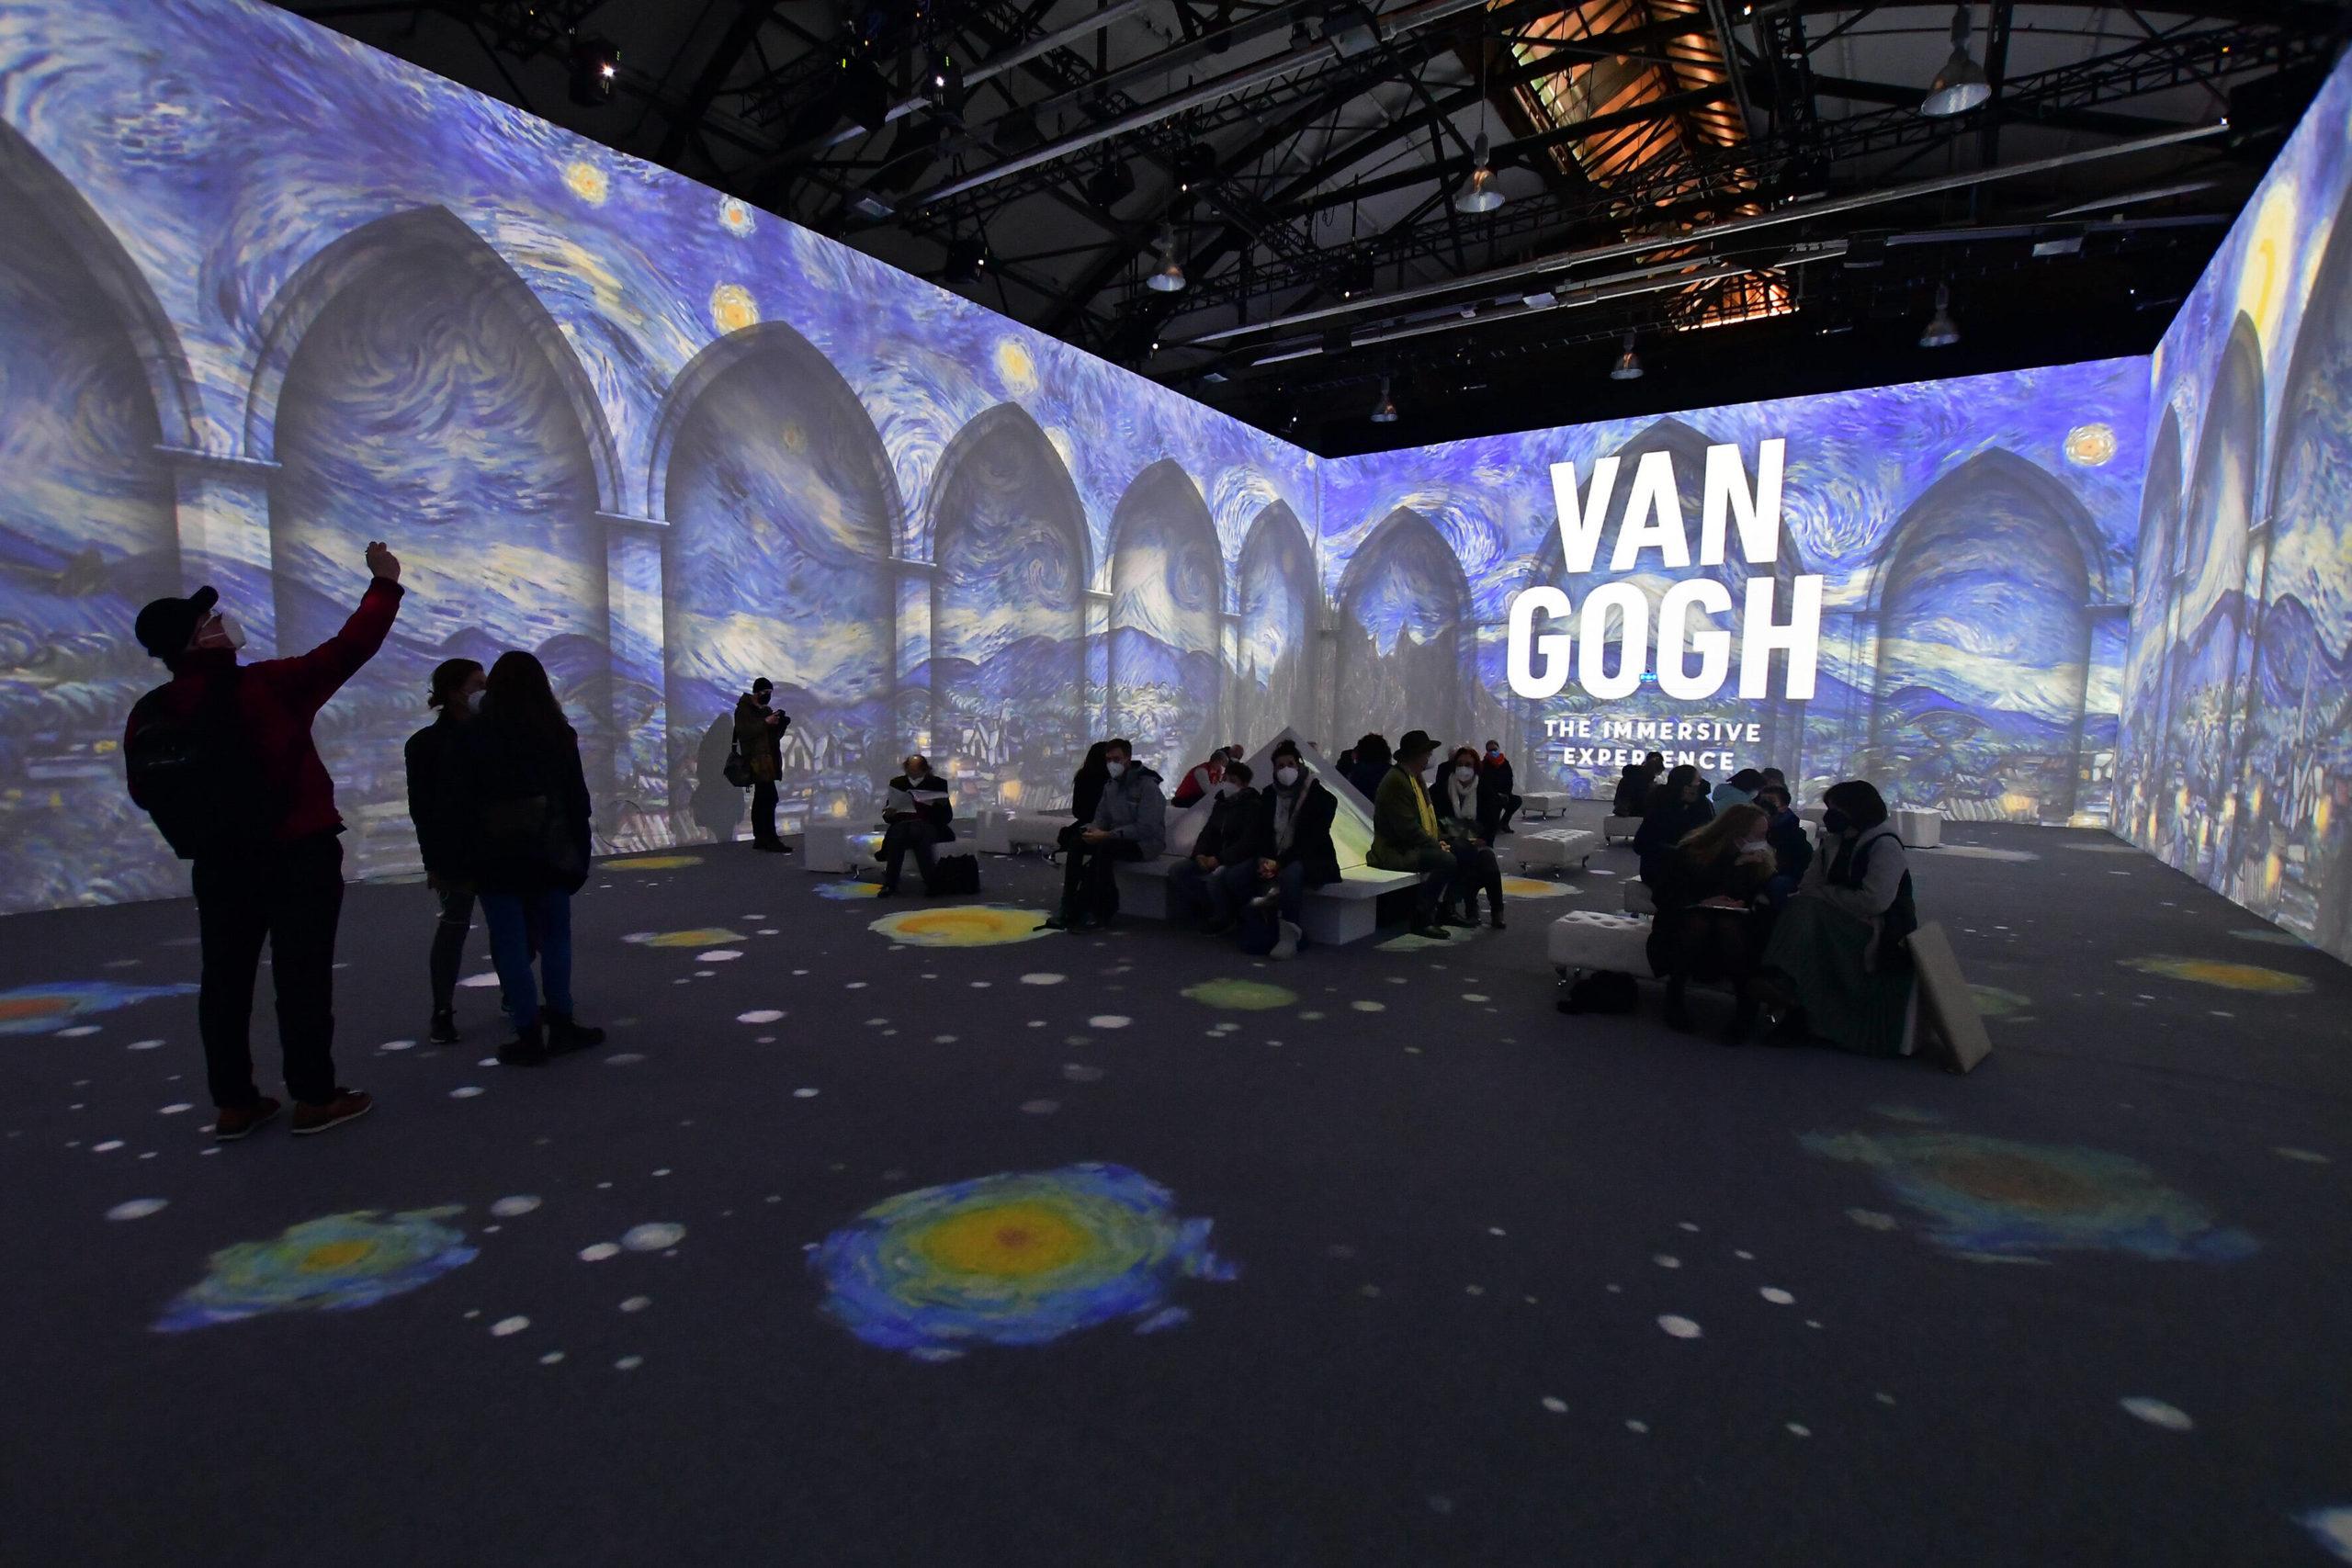 Die Besucher:innen können sich hinsetzen und entspannt der Ausstellung folgen. Foto: Imago/Photopress Müller